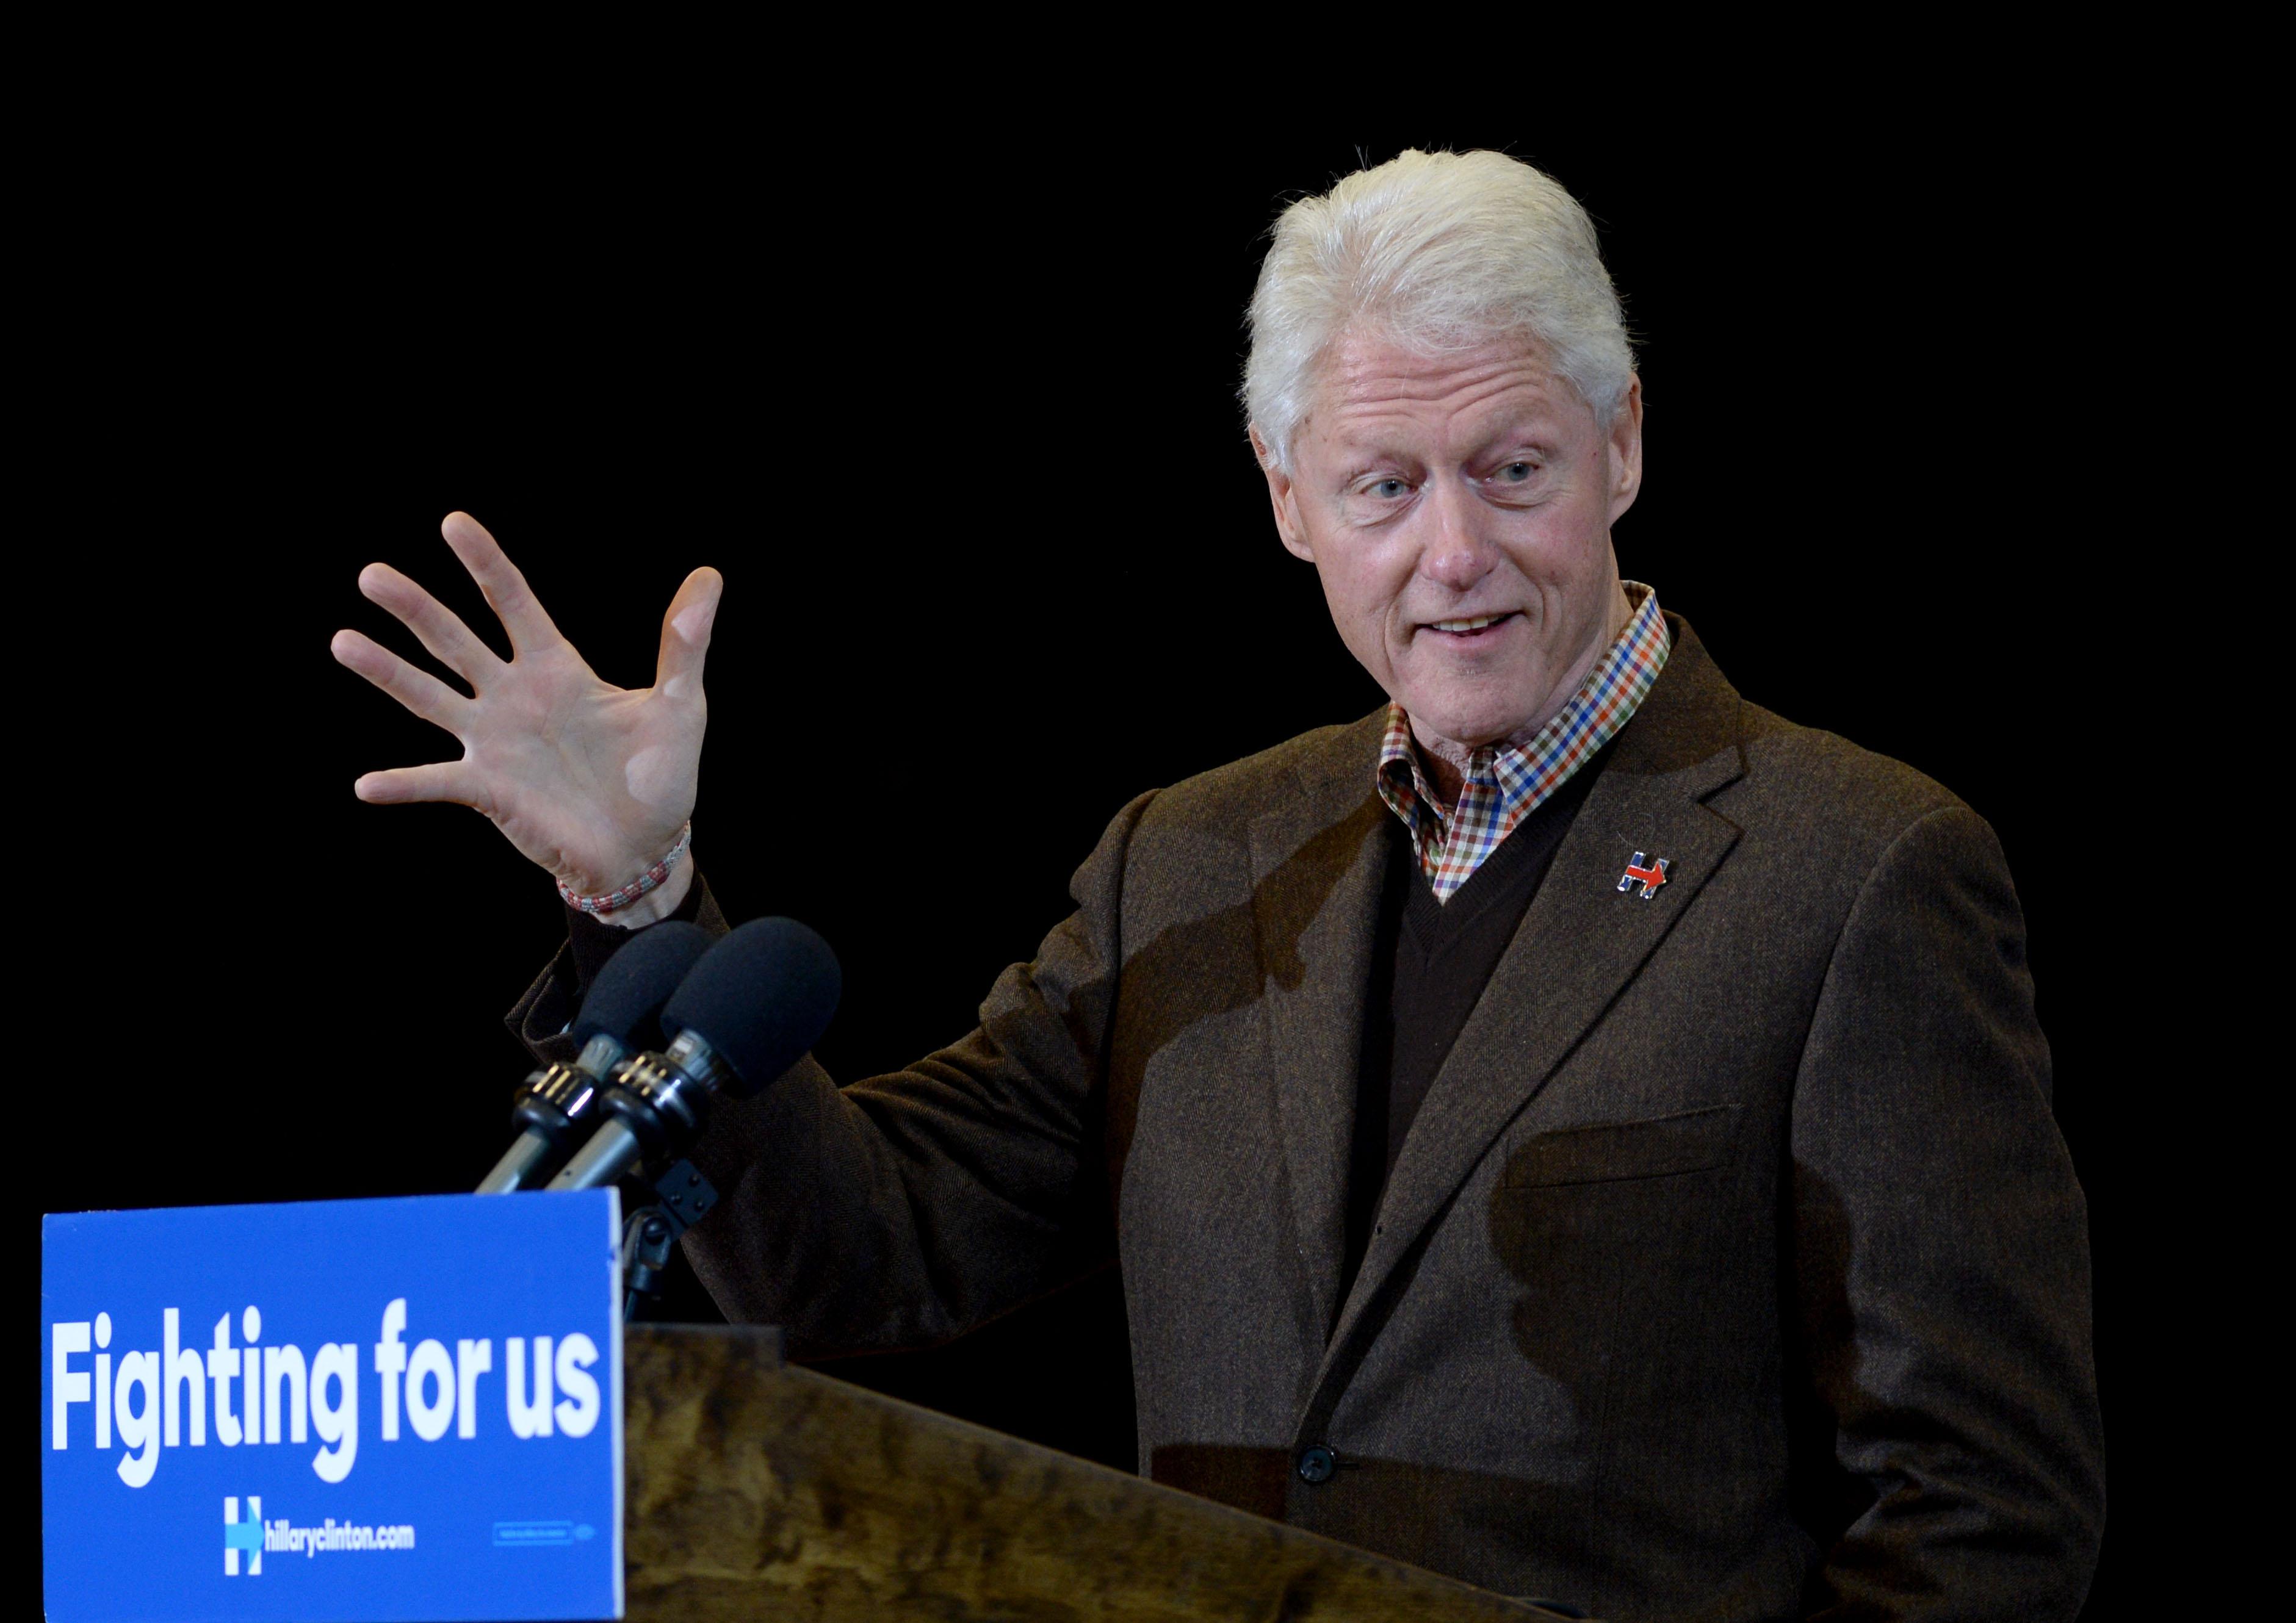 Juanita Broaddrick, Juanita Broaddrick Bill Clinton, Juanita Broaddrick Twitter, Juanita Broaddrick hillary clinton, Juanita Broaddrick tweets